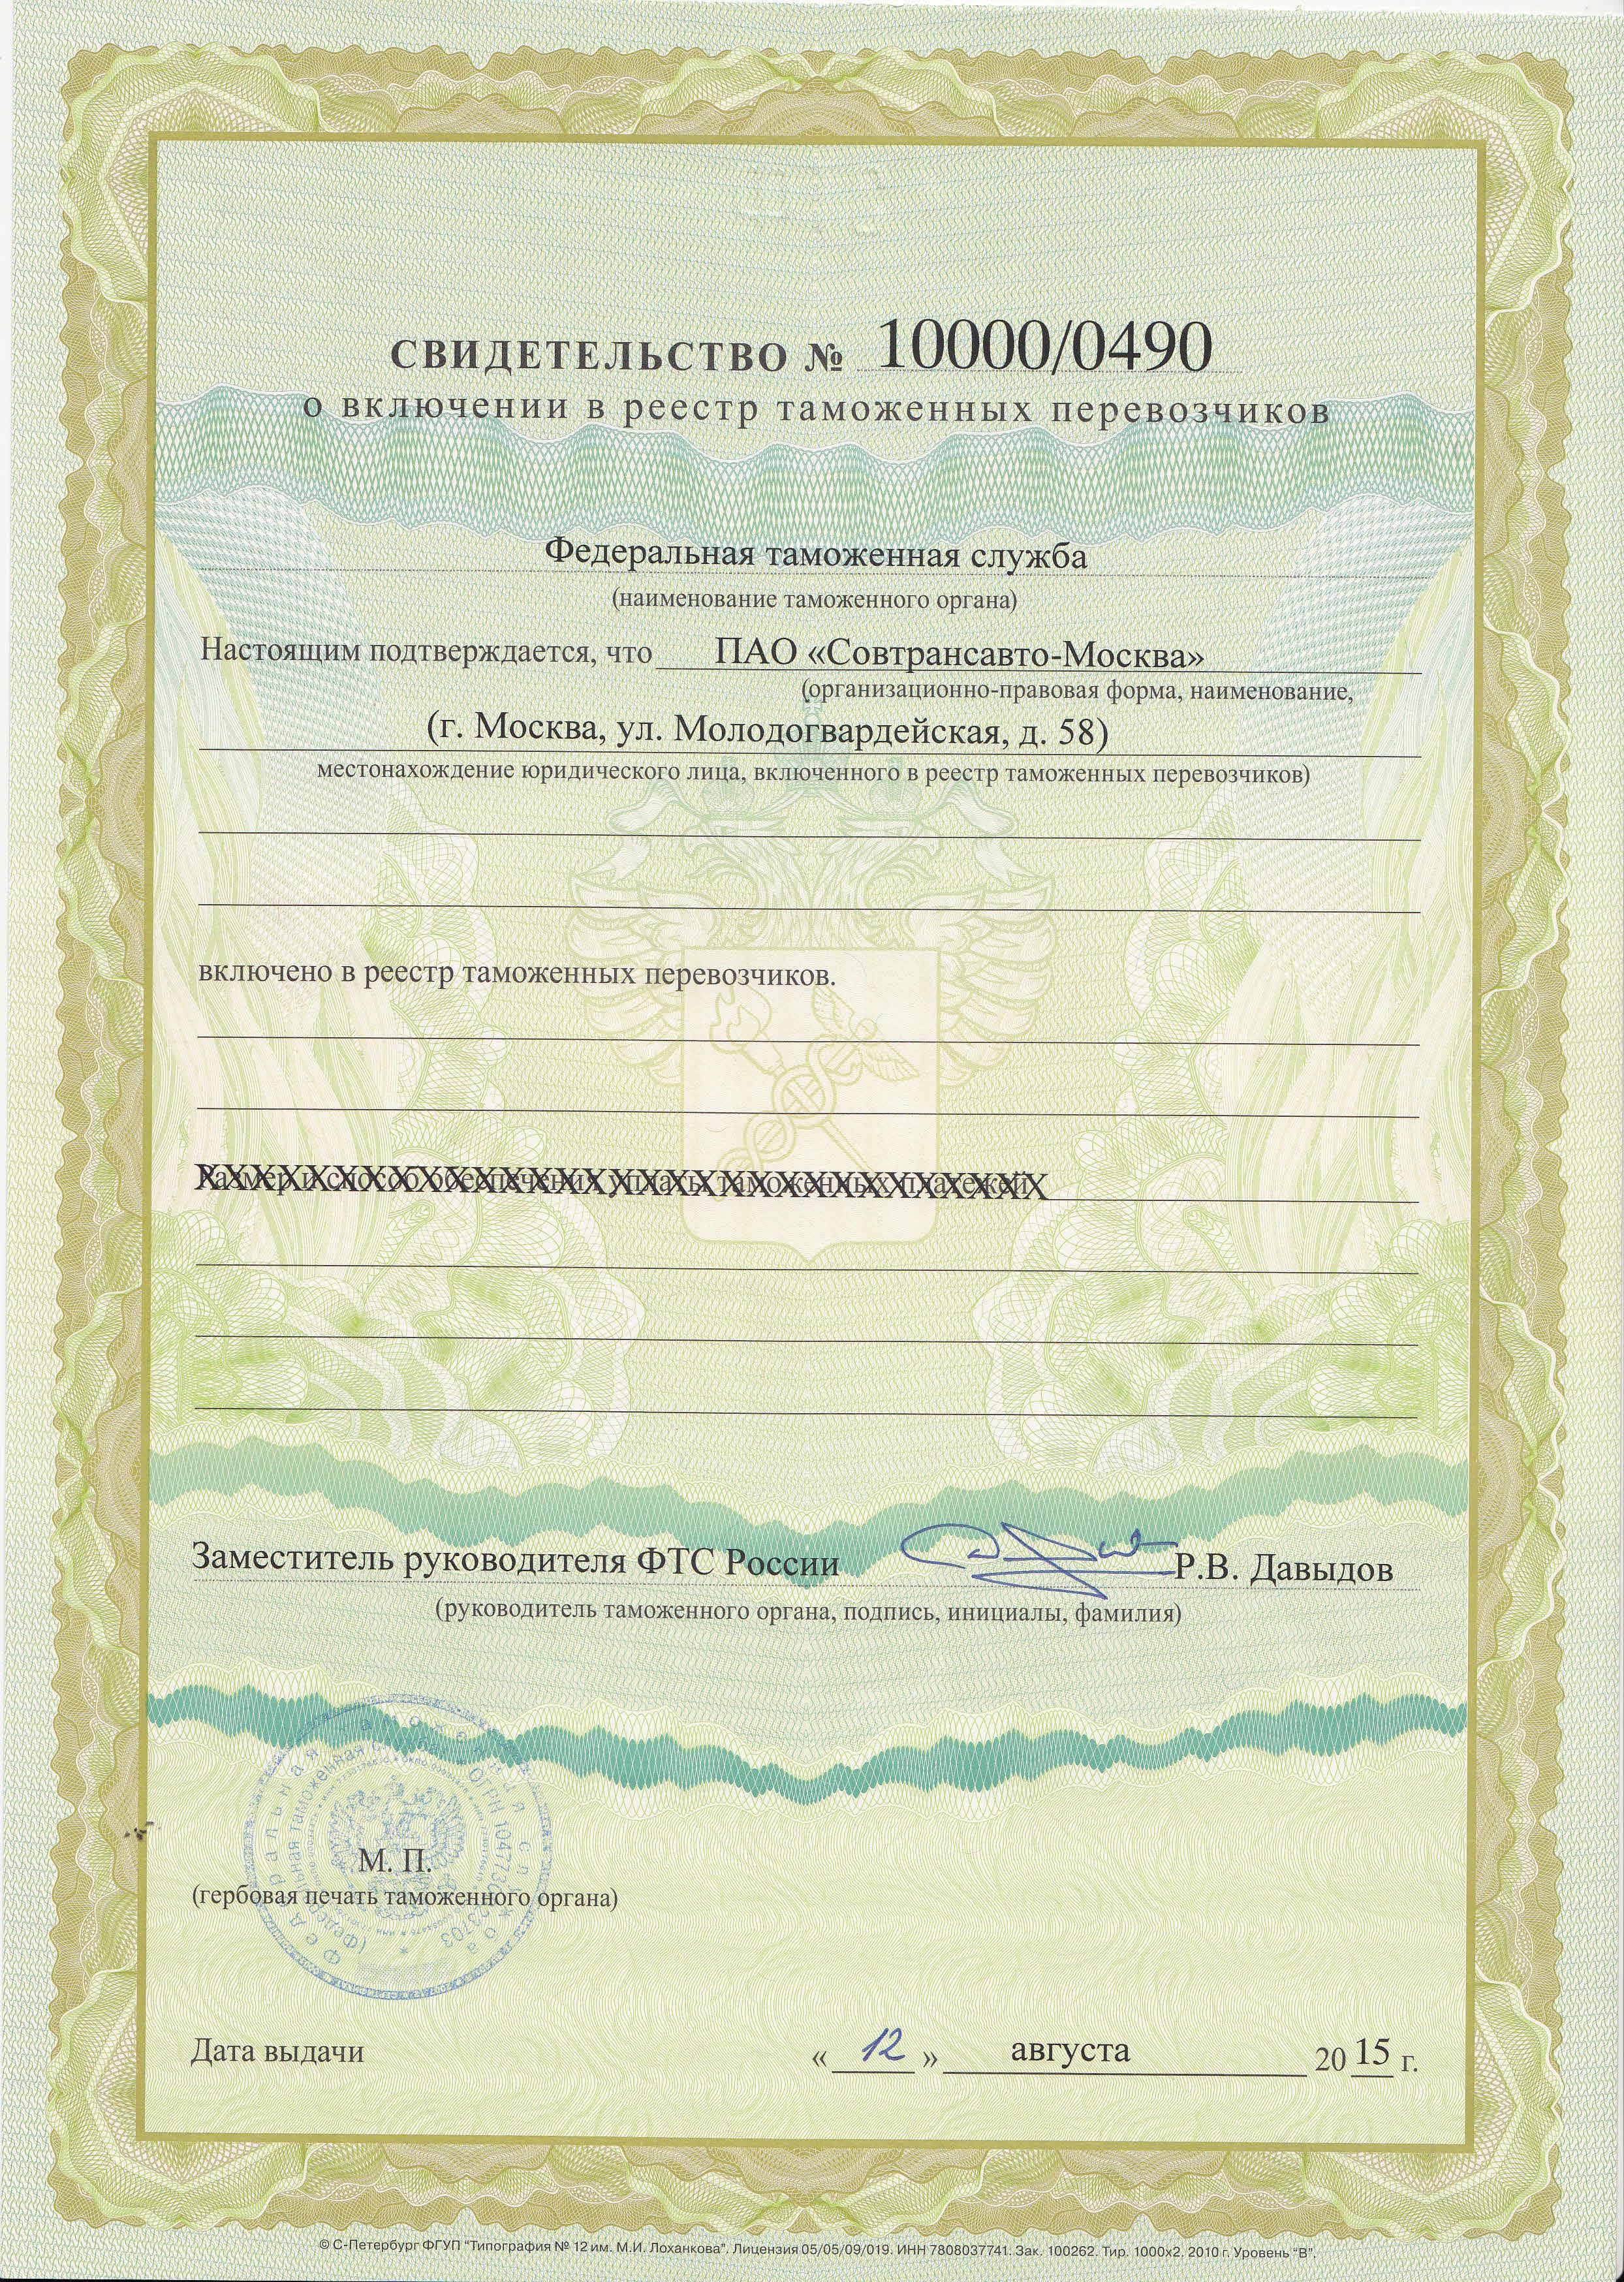 Свидетельство о включении в реестр таможенных перевозчиков